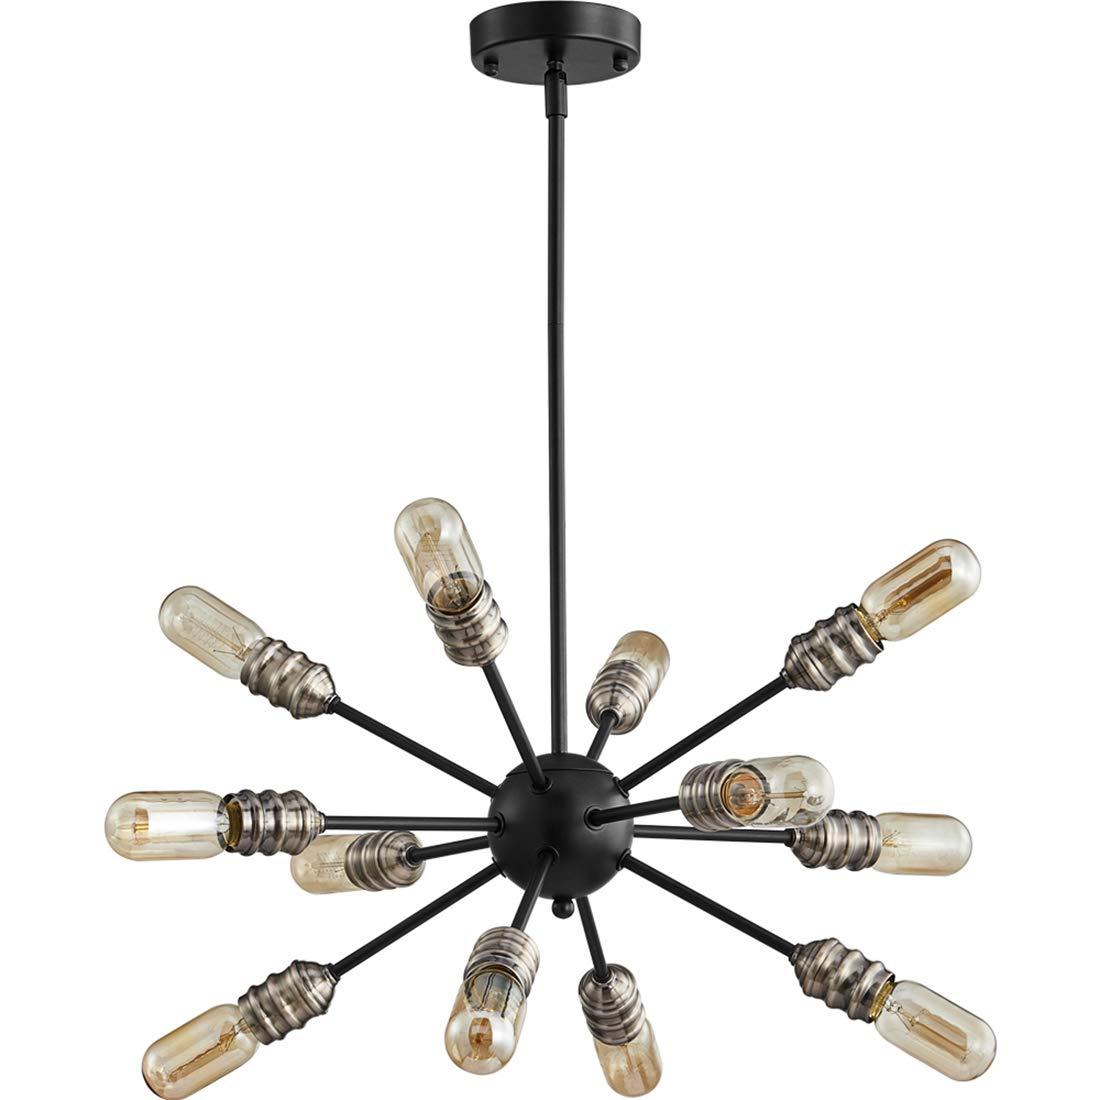 TZOE SputnikChandelier Mid Century Modern Pendant 12 Light Rustic Ceiling Light Bronze and Black LivingRoomLighting DiningRoomLights UL Listed